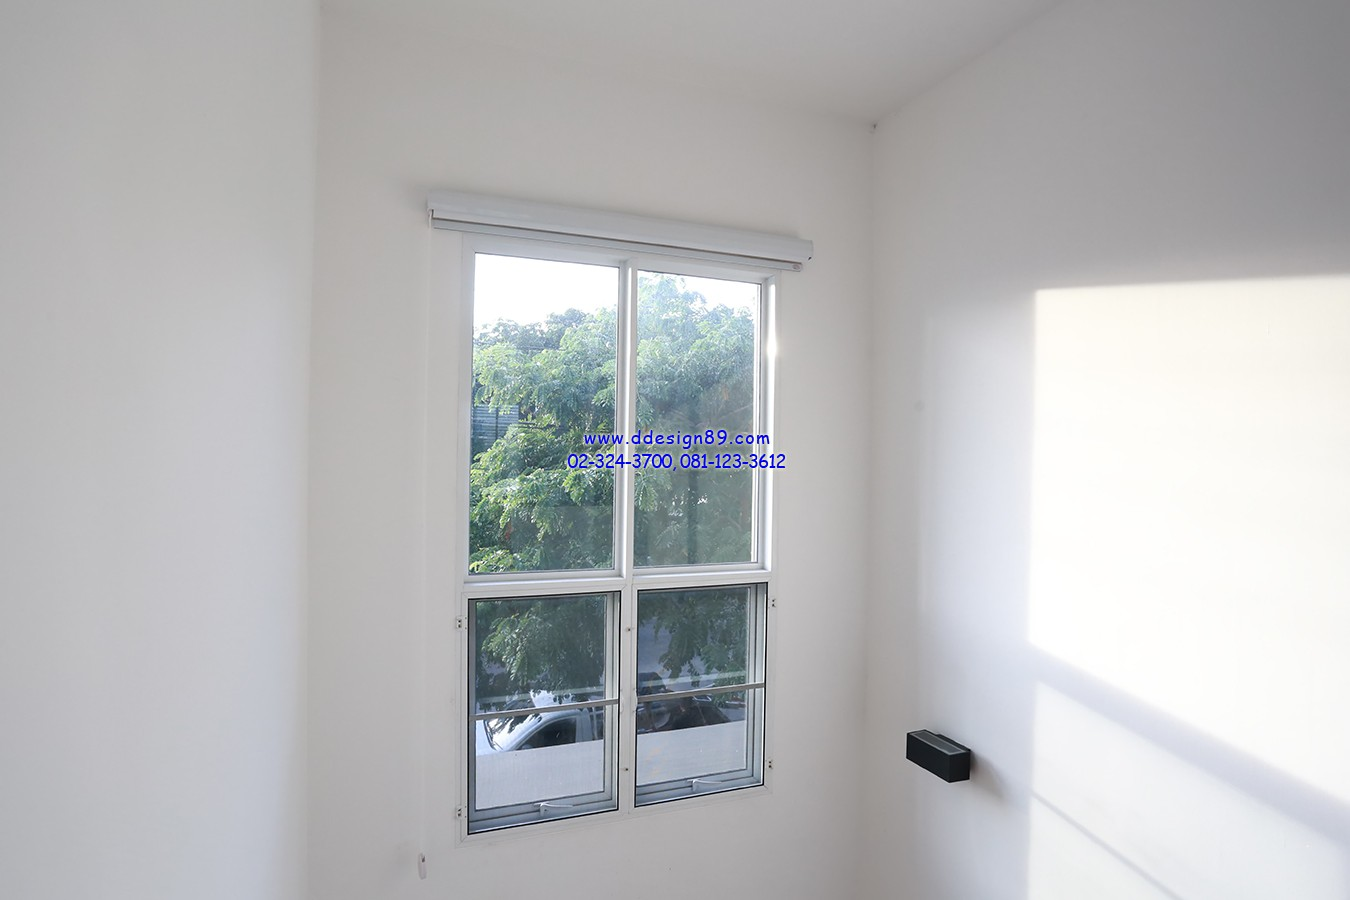 ติดม่านม้วนในบ้าน เปิดม่านม้วนรับแสงสว่างจากภายนอก ช่วยประหยัดค่าไฟลงไปได้เยอะ